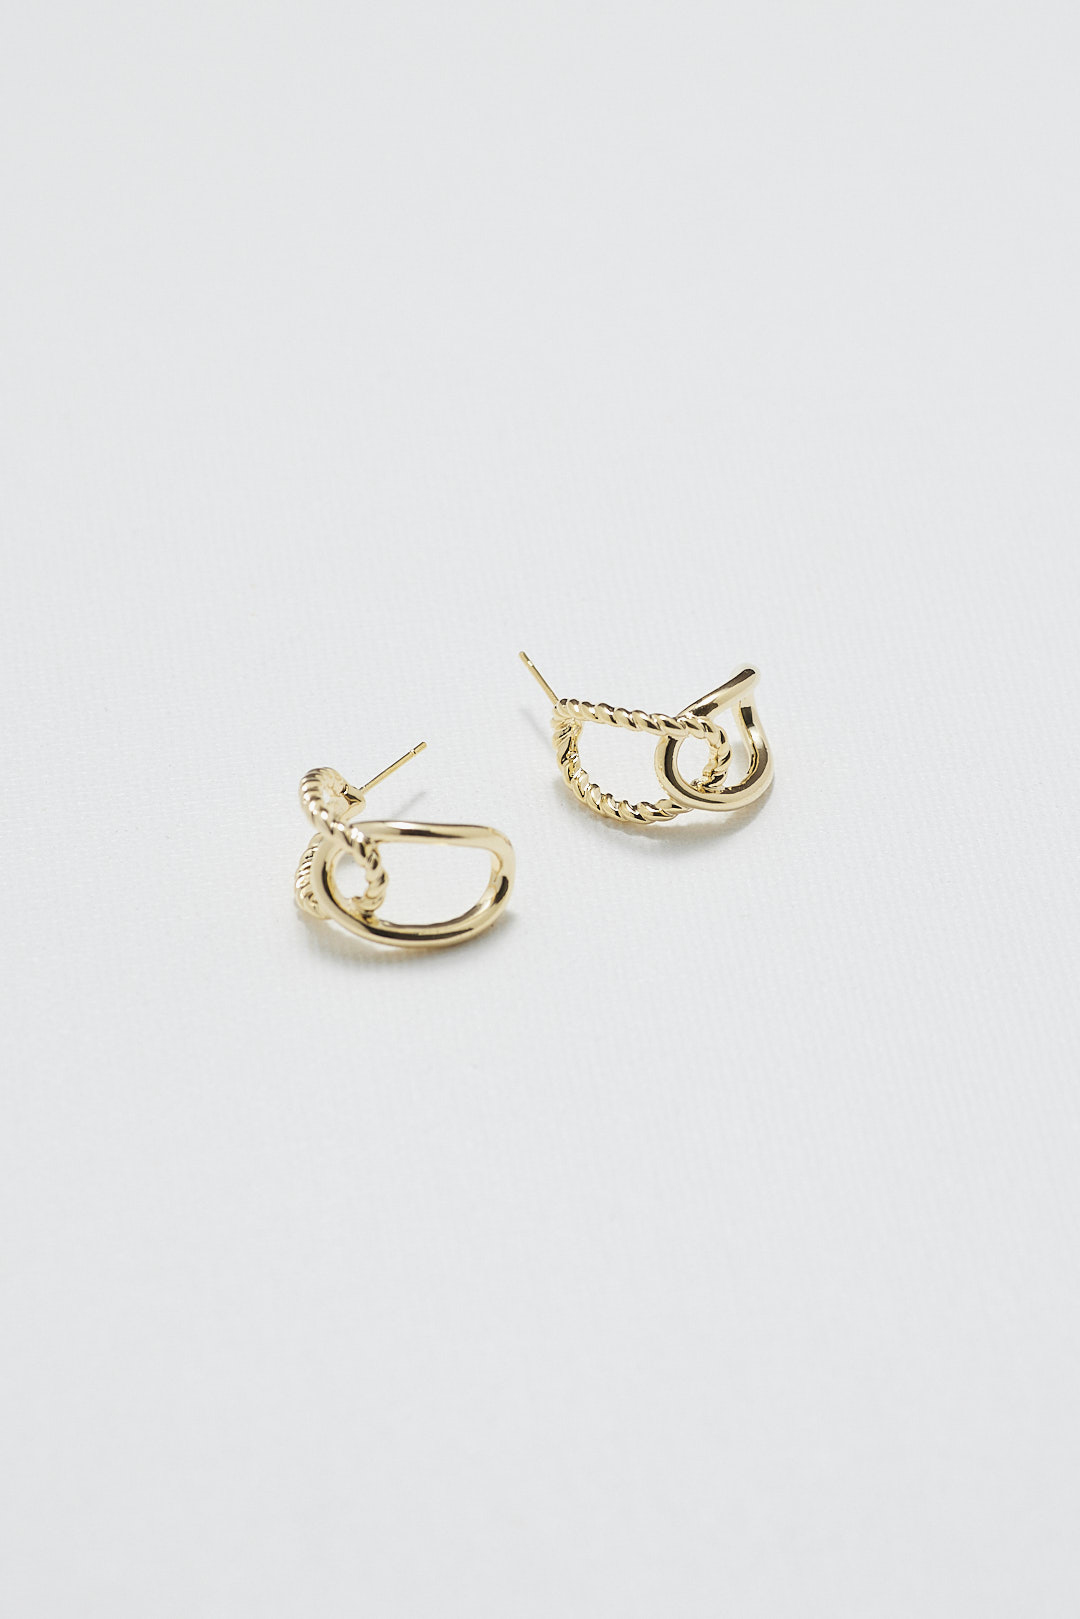 Adalee Interlock Earrings